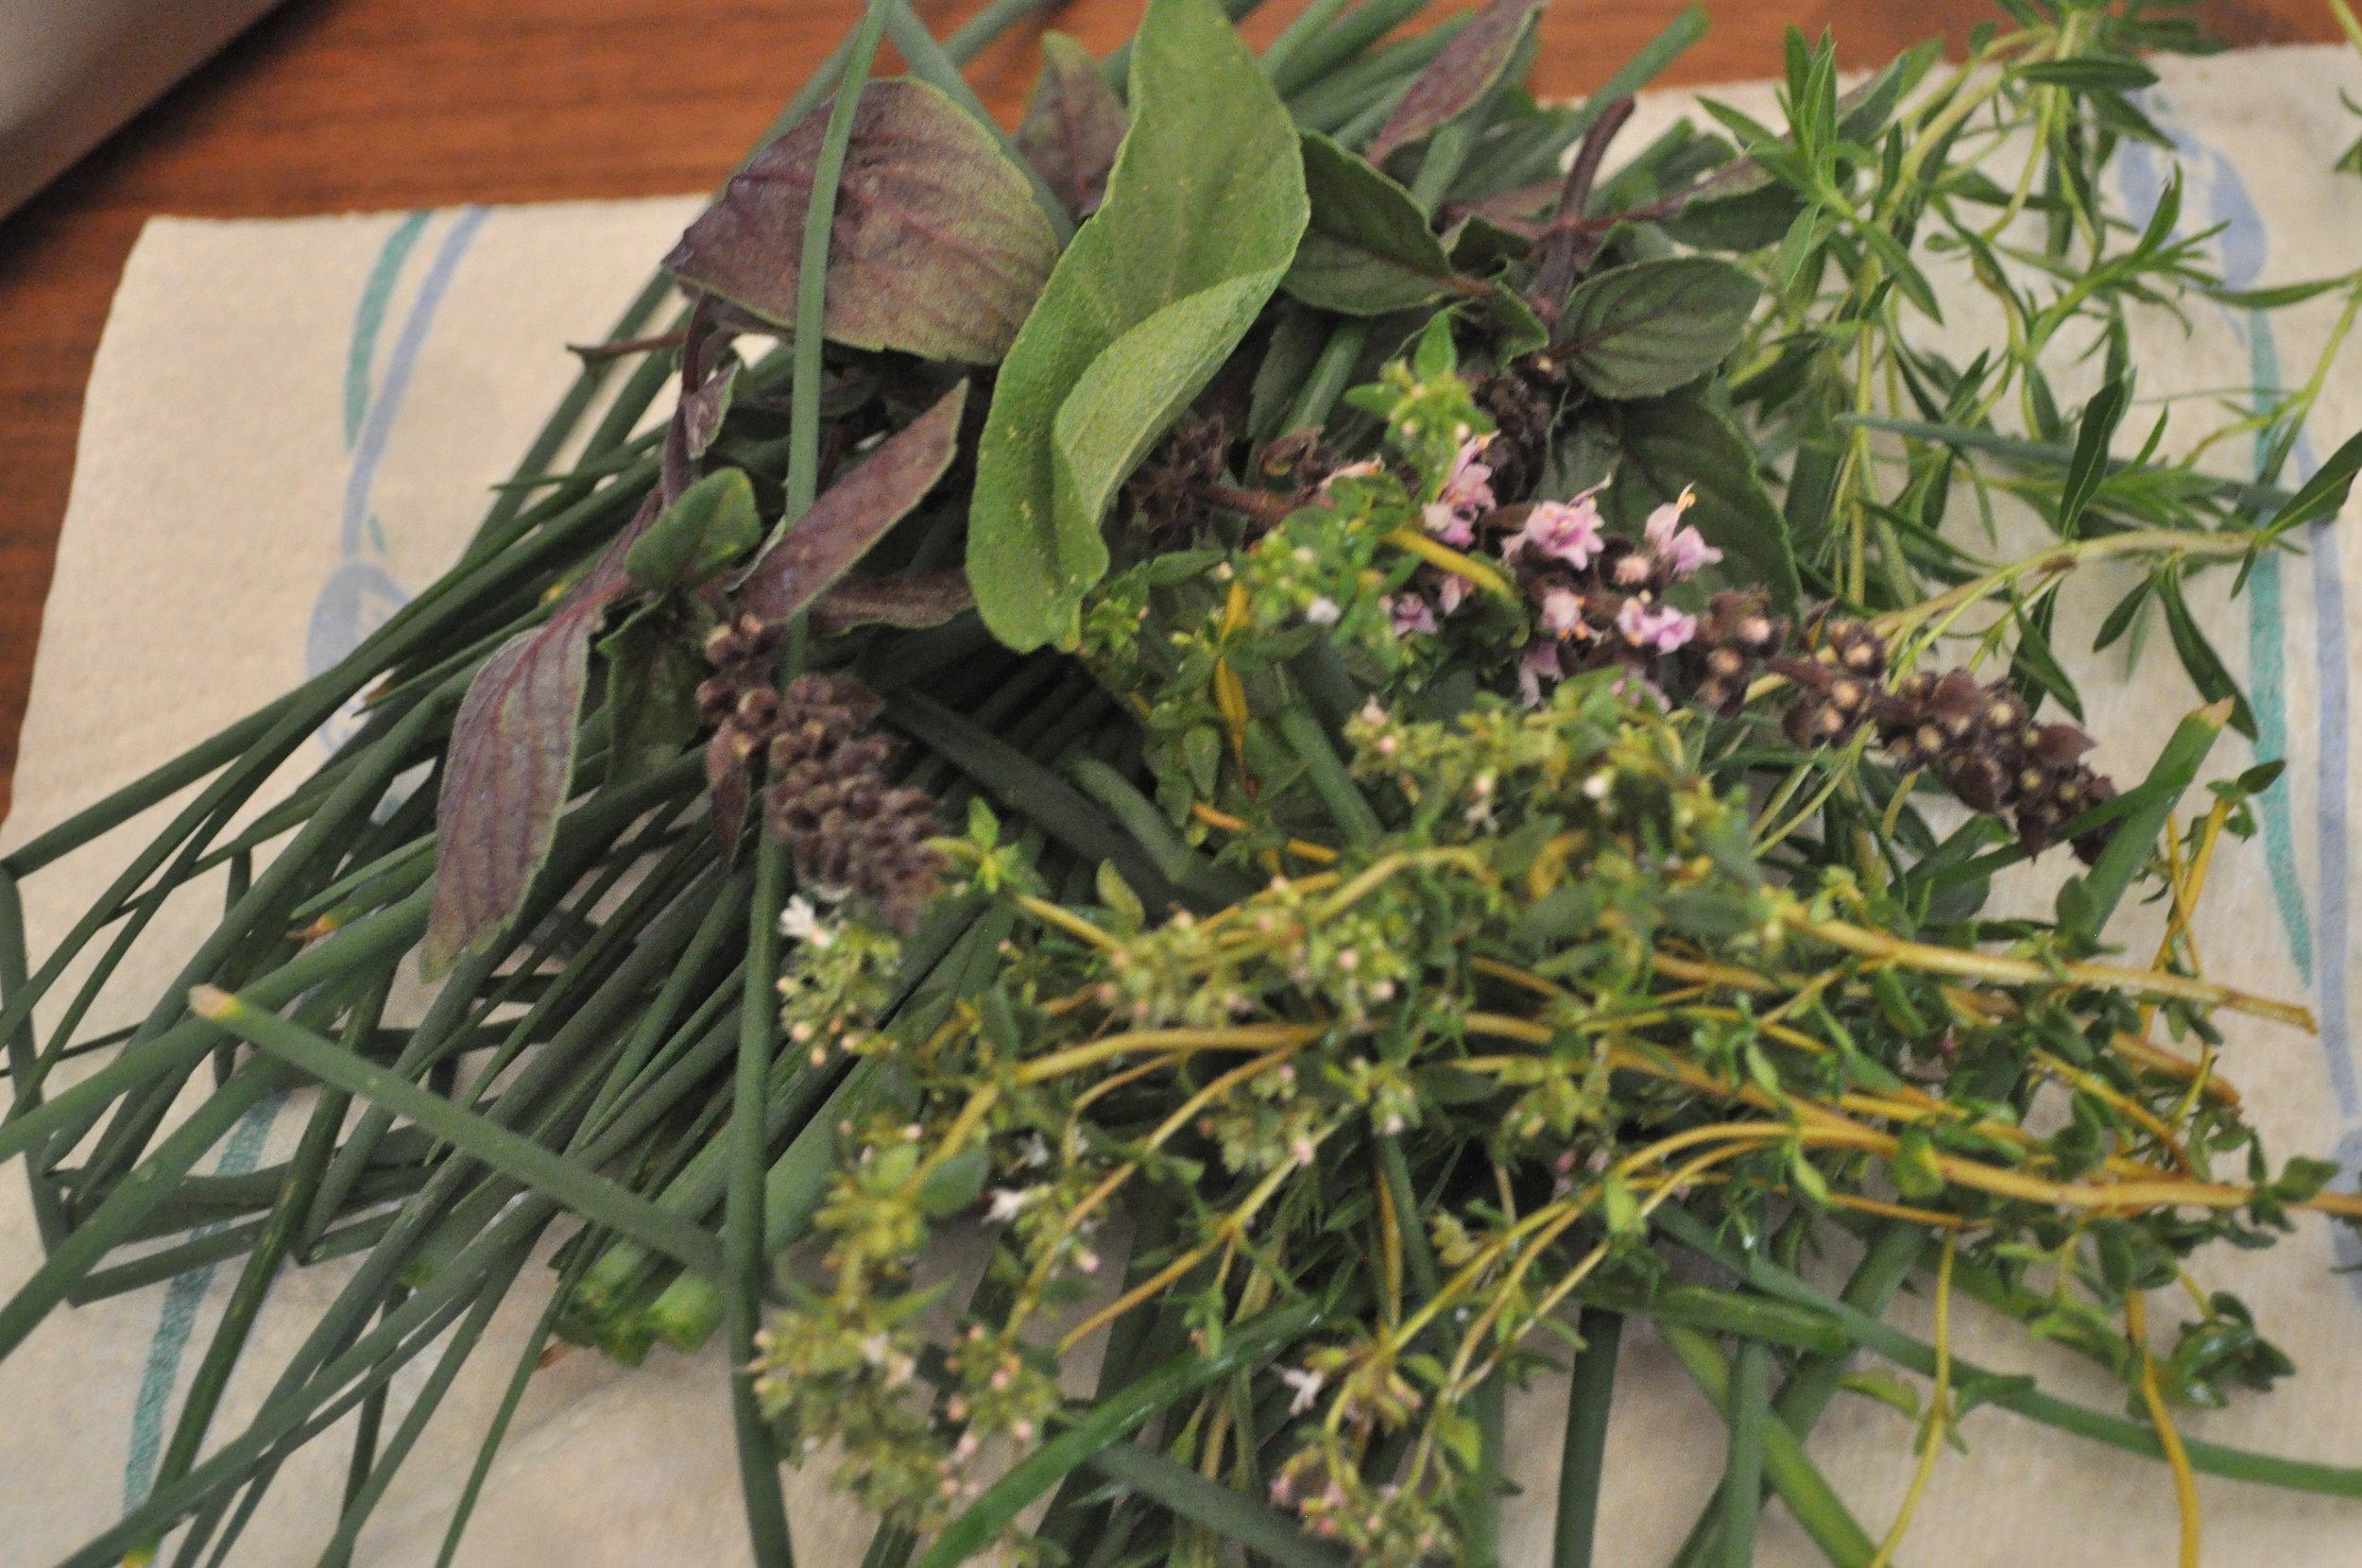 Frisch auf den Tisch! - Kräuter, Salate & Co und ein leckeres Vinaigrette-Rezept